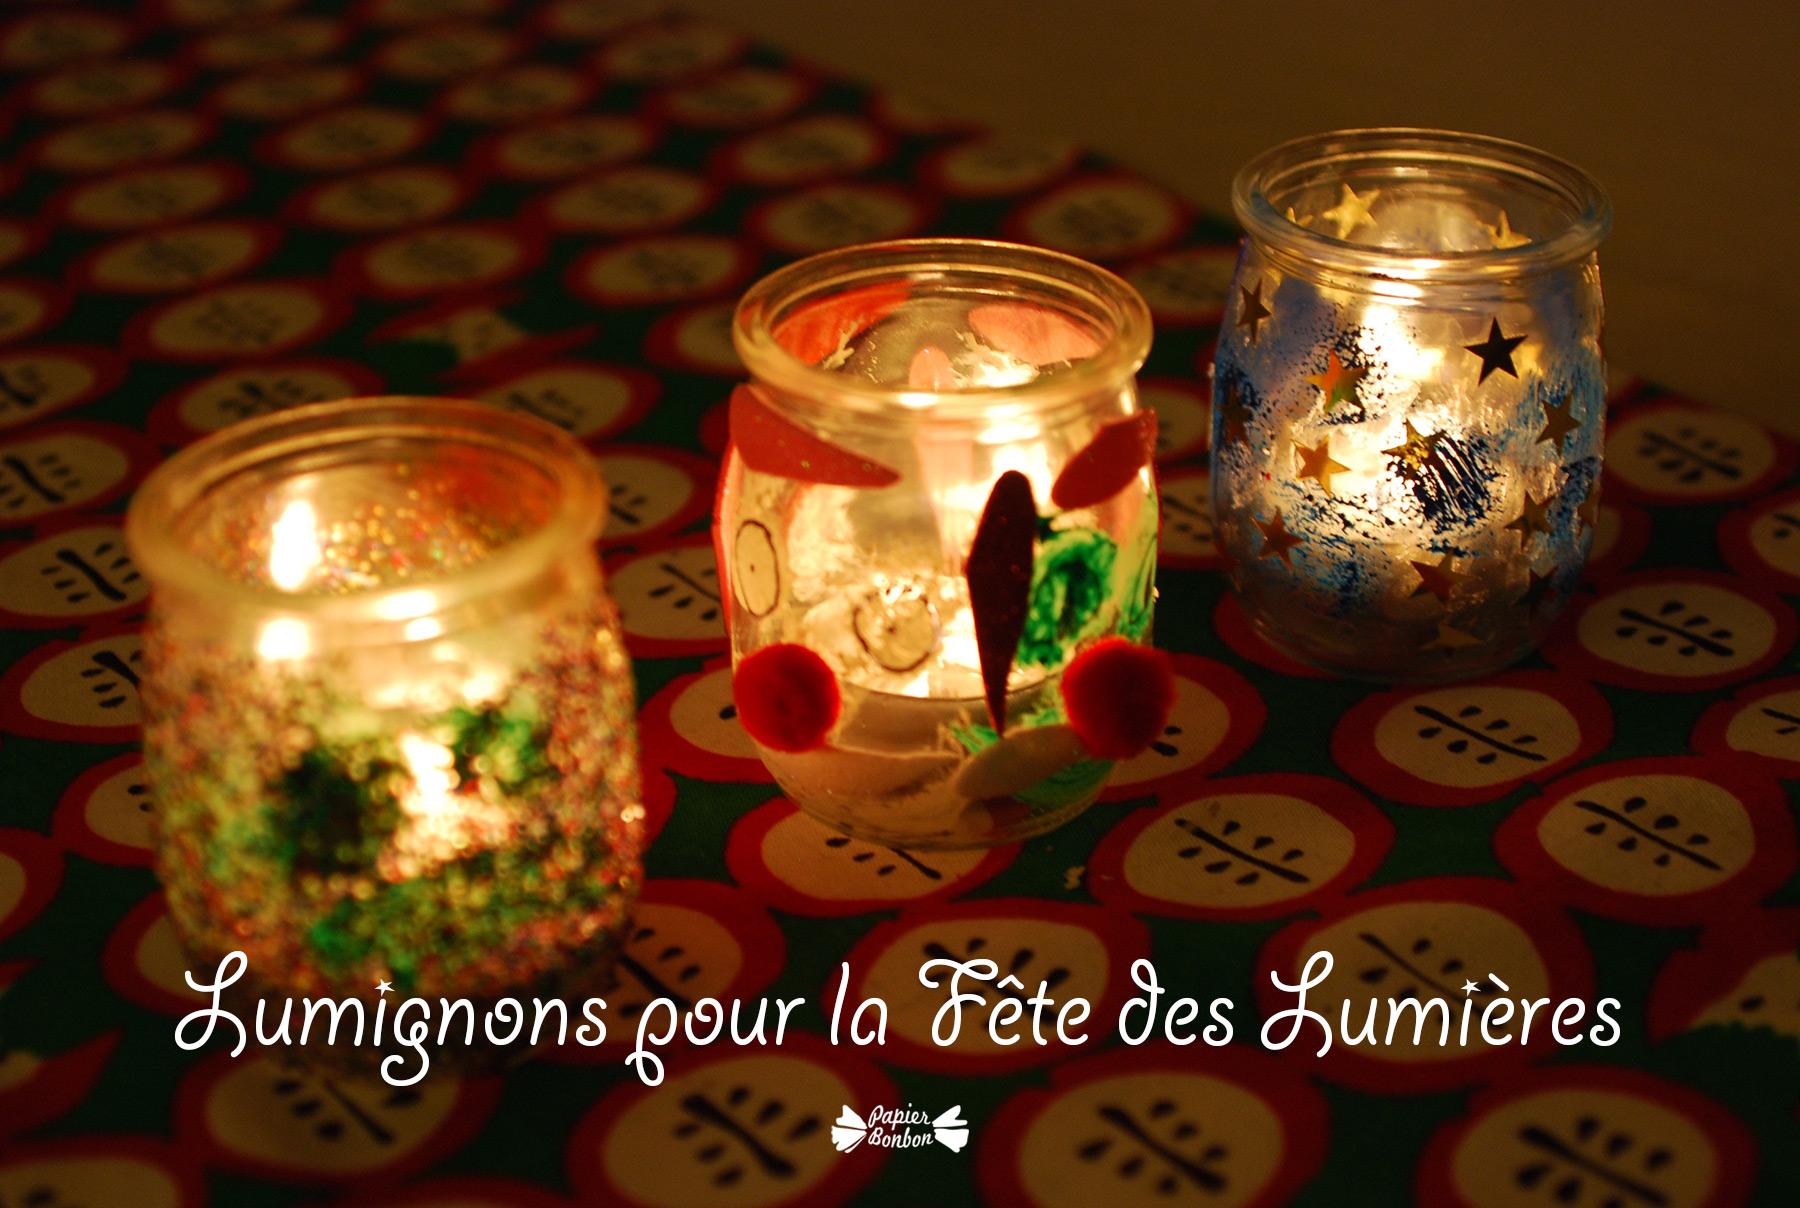 Decoration Lumignon  Decembre Enfants